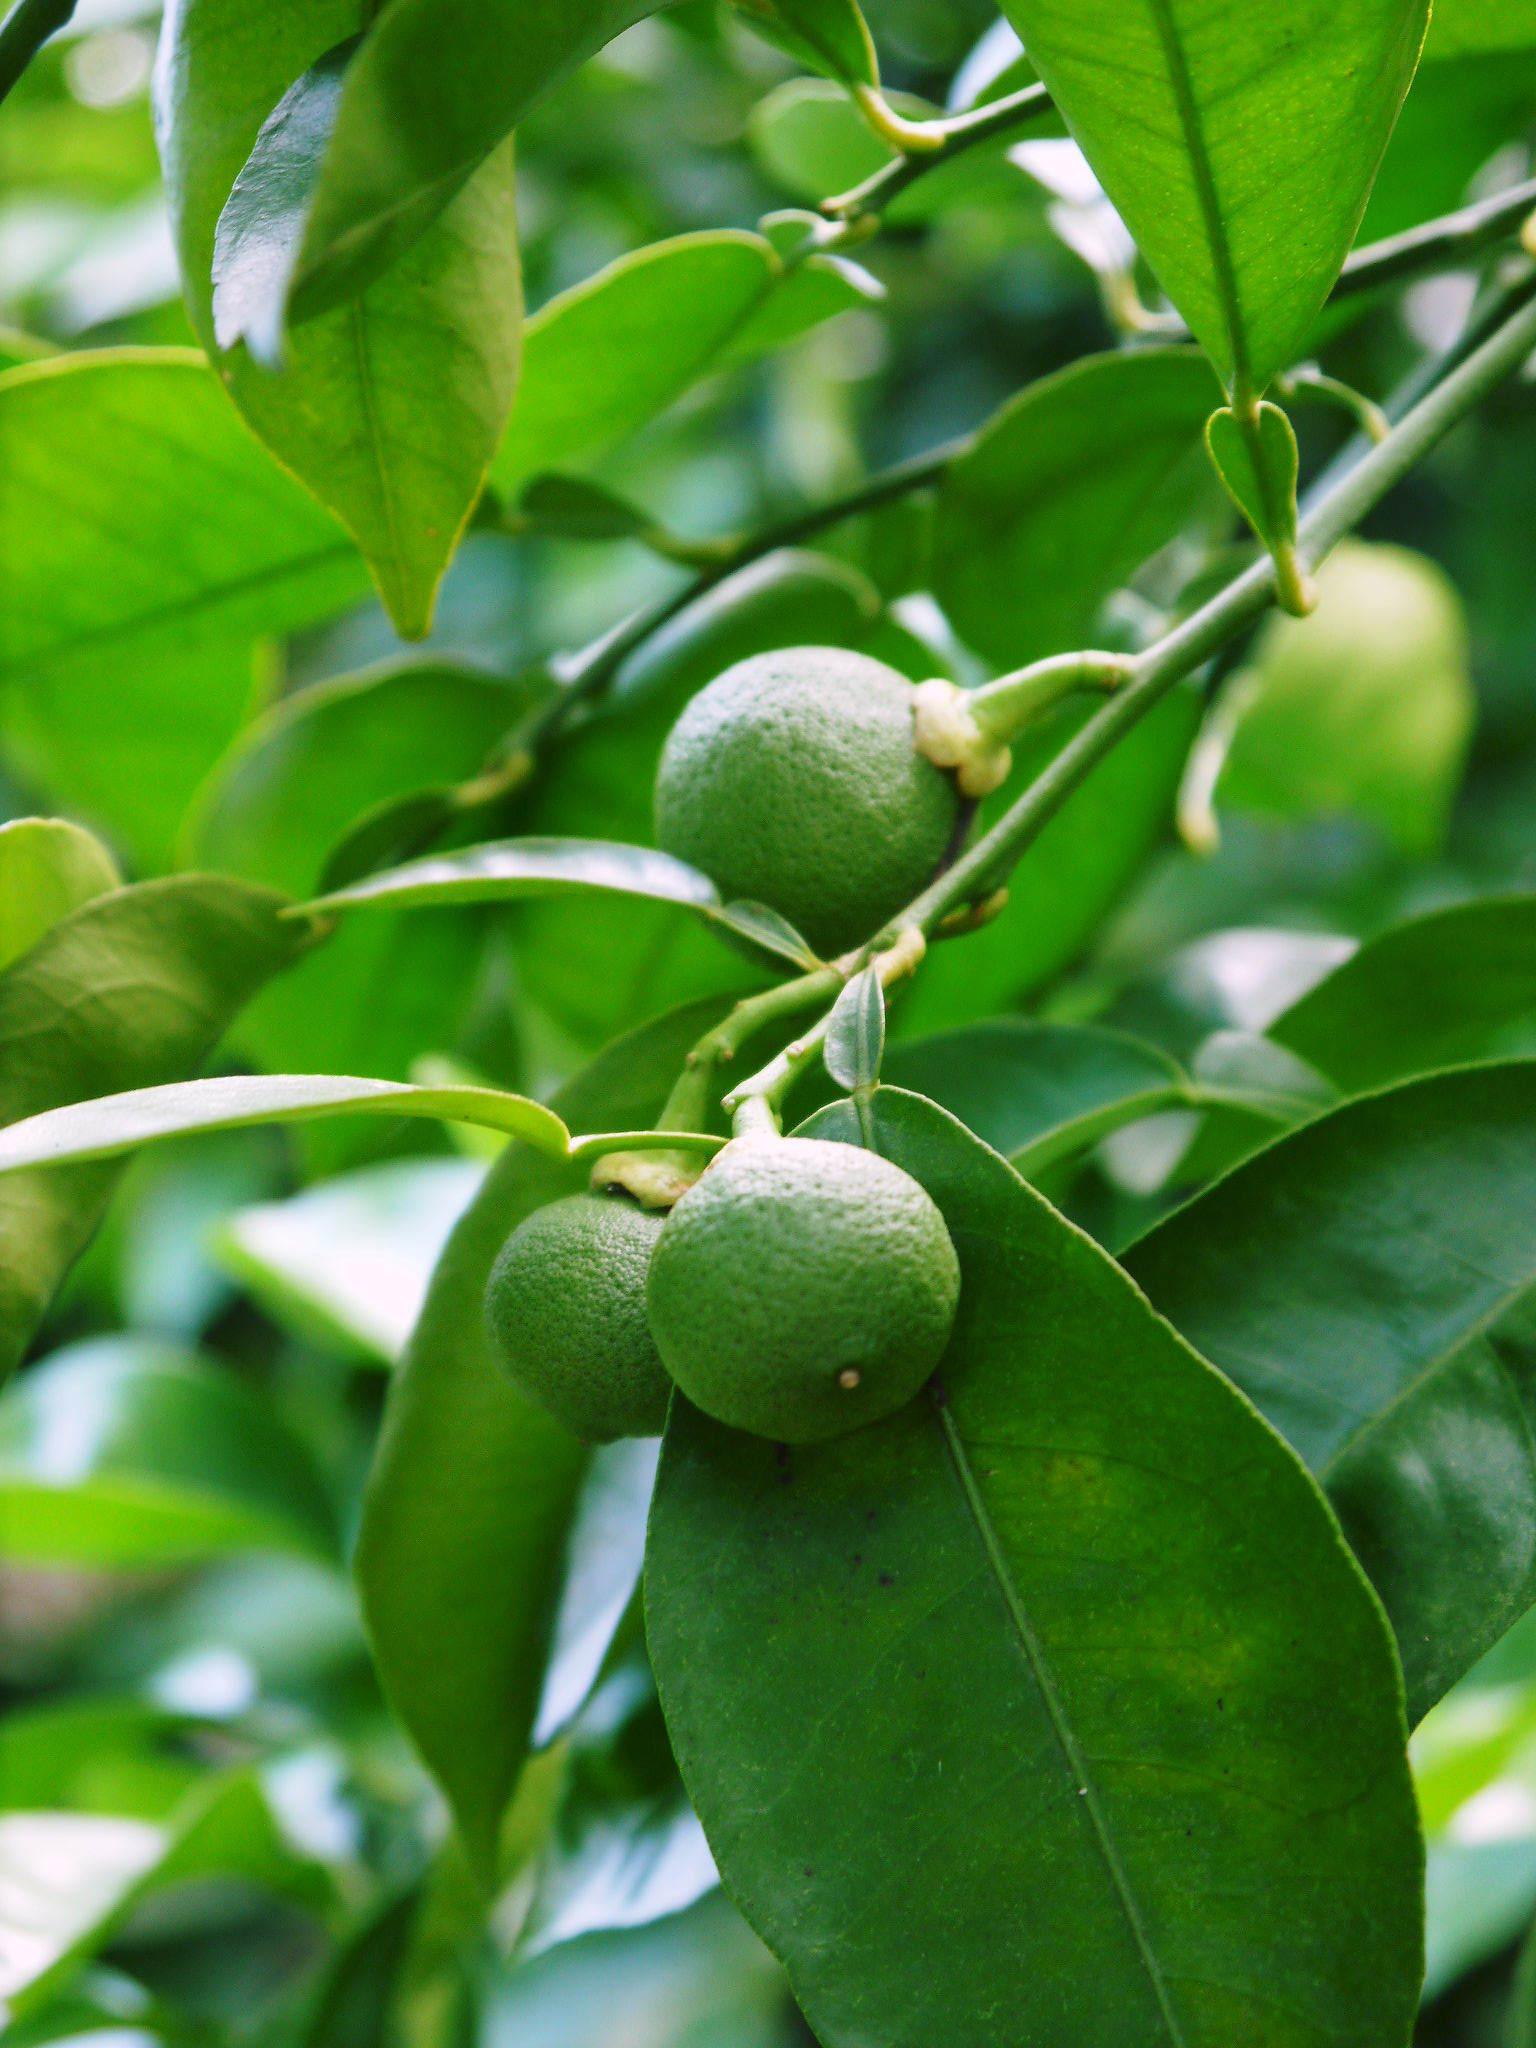 無農薬栽培の『種なしかぼす』 着果の様子を現地取材!令和2年も8月中旬からの出荷予定なのですが・・・_a0254656_19020856.jpg